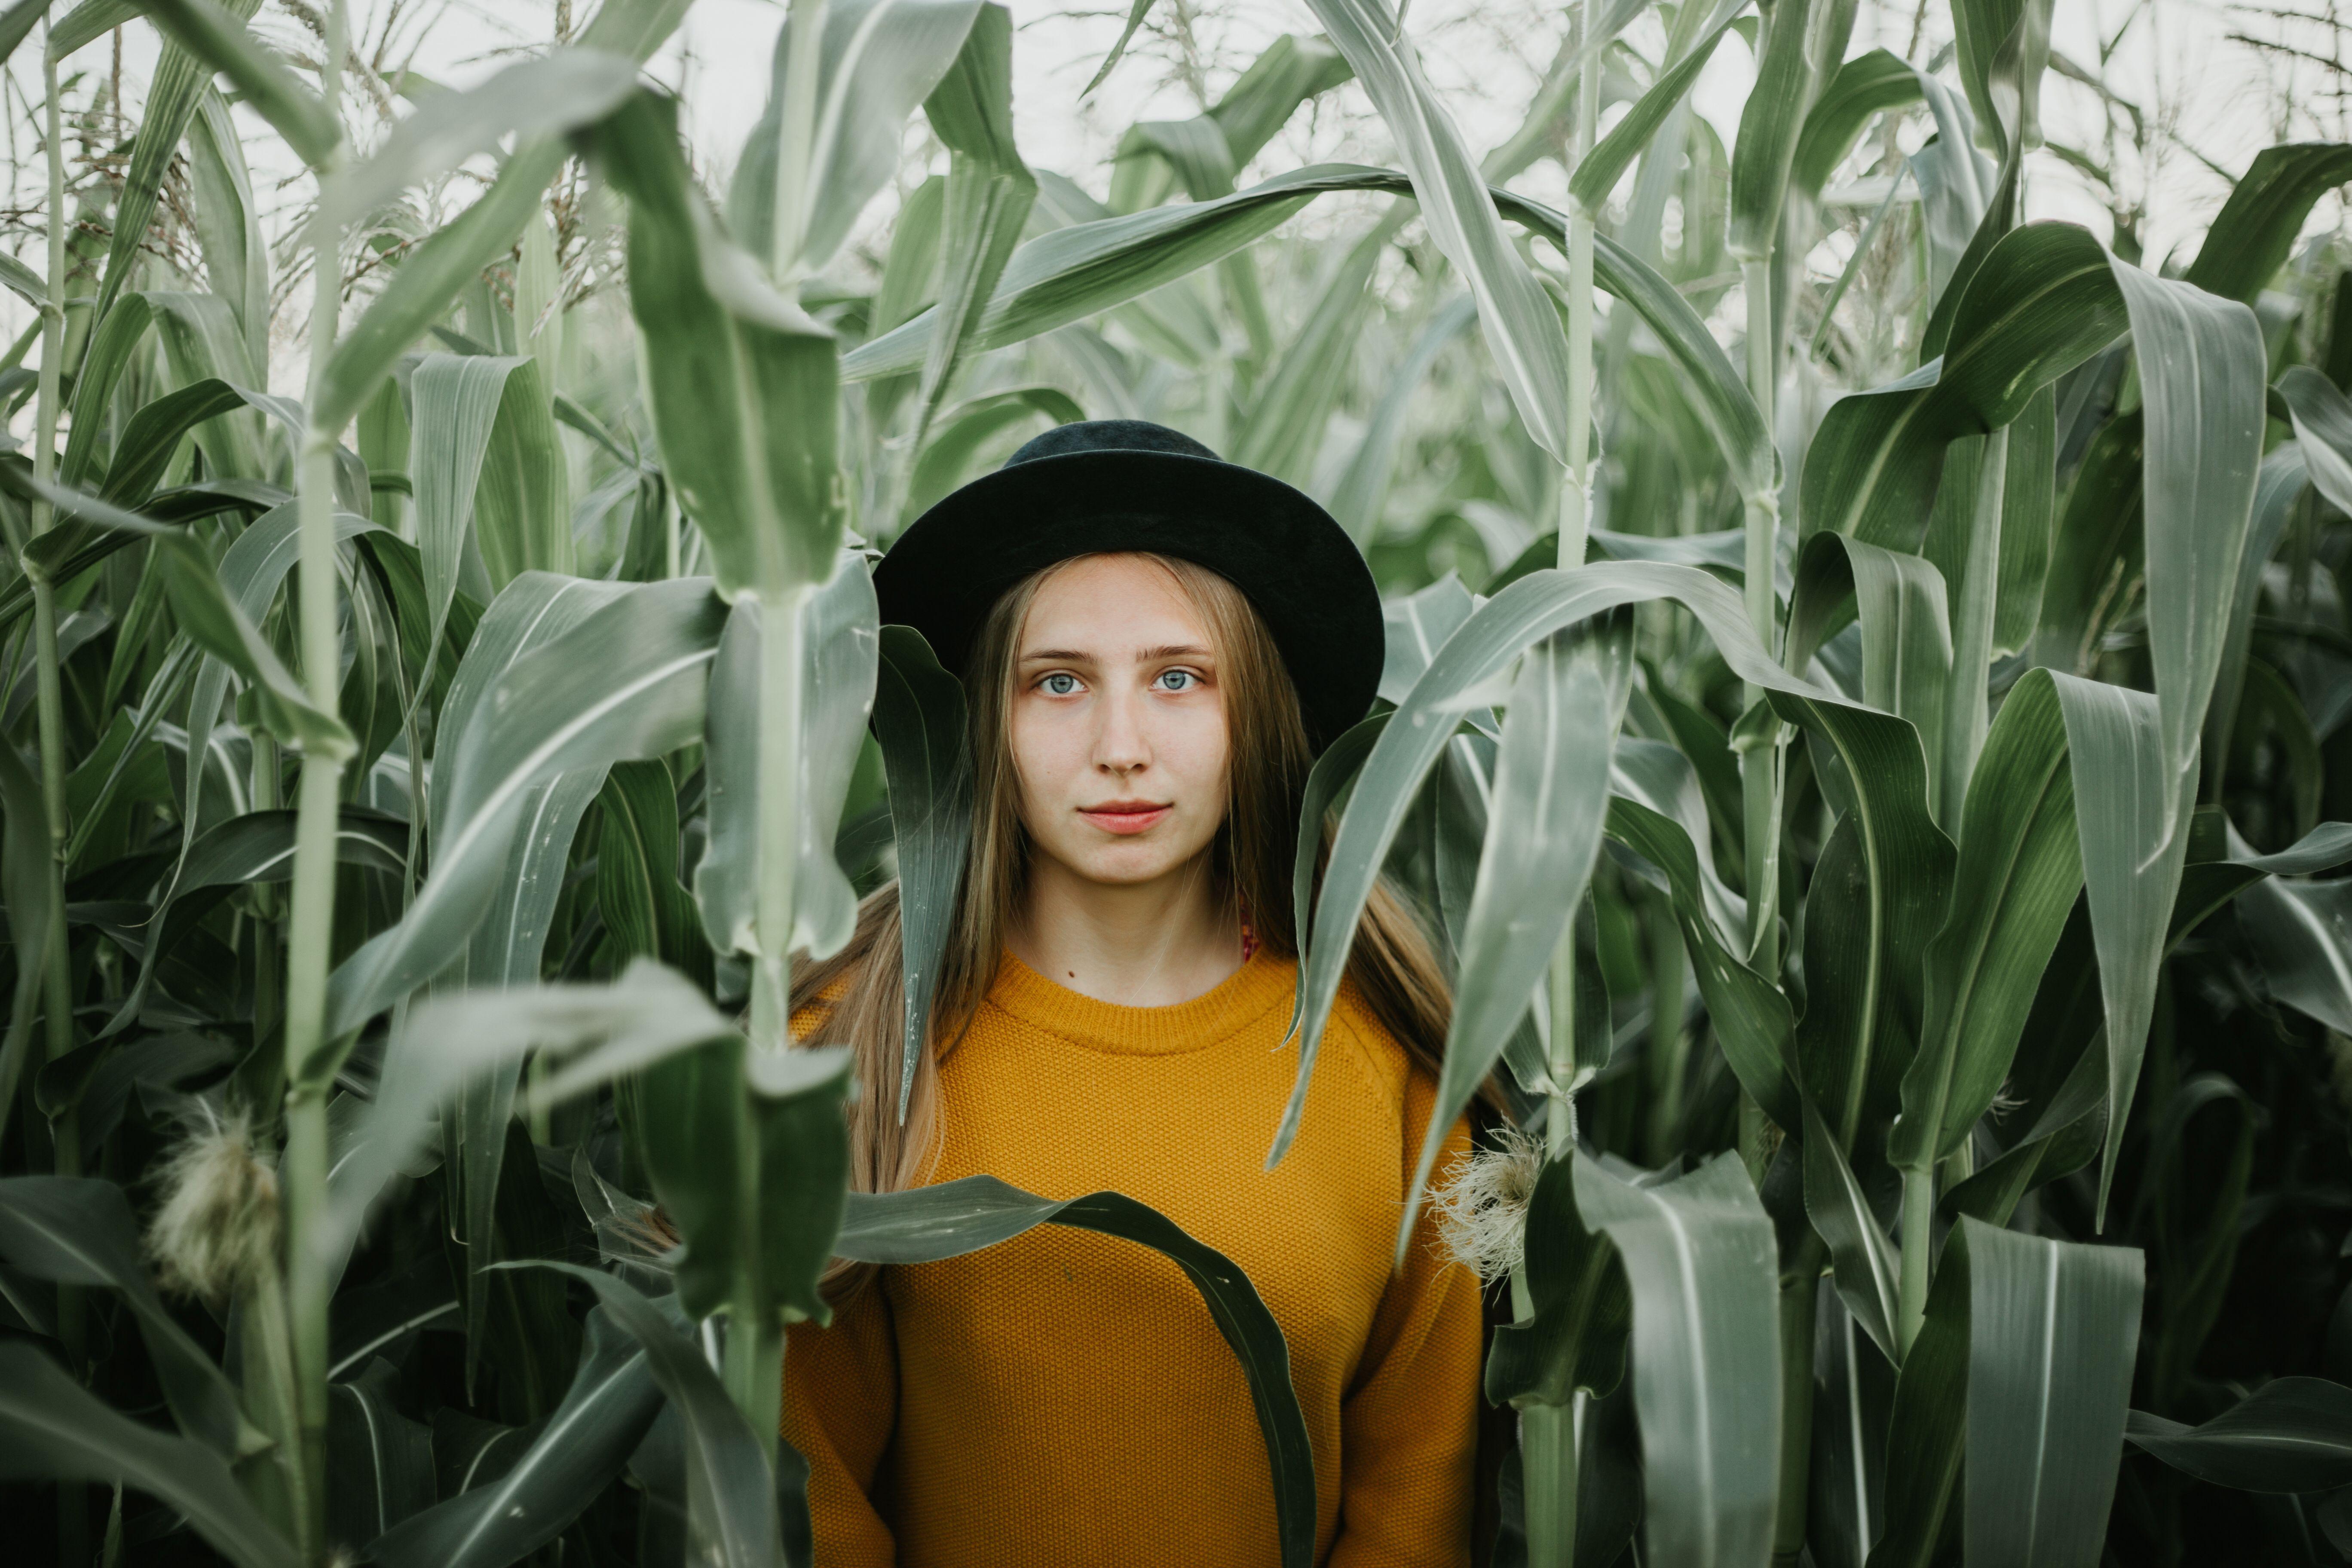 Фотосессия в кукурузе, идеи для фото, летняя фотосессия ...